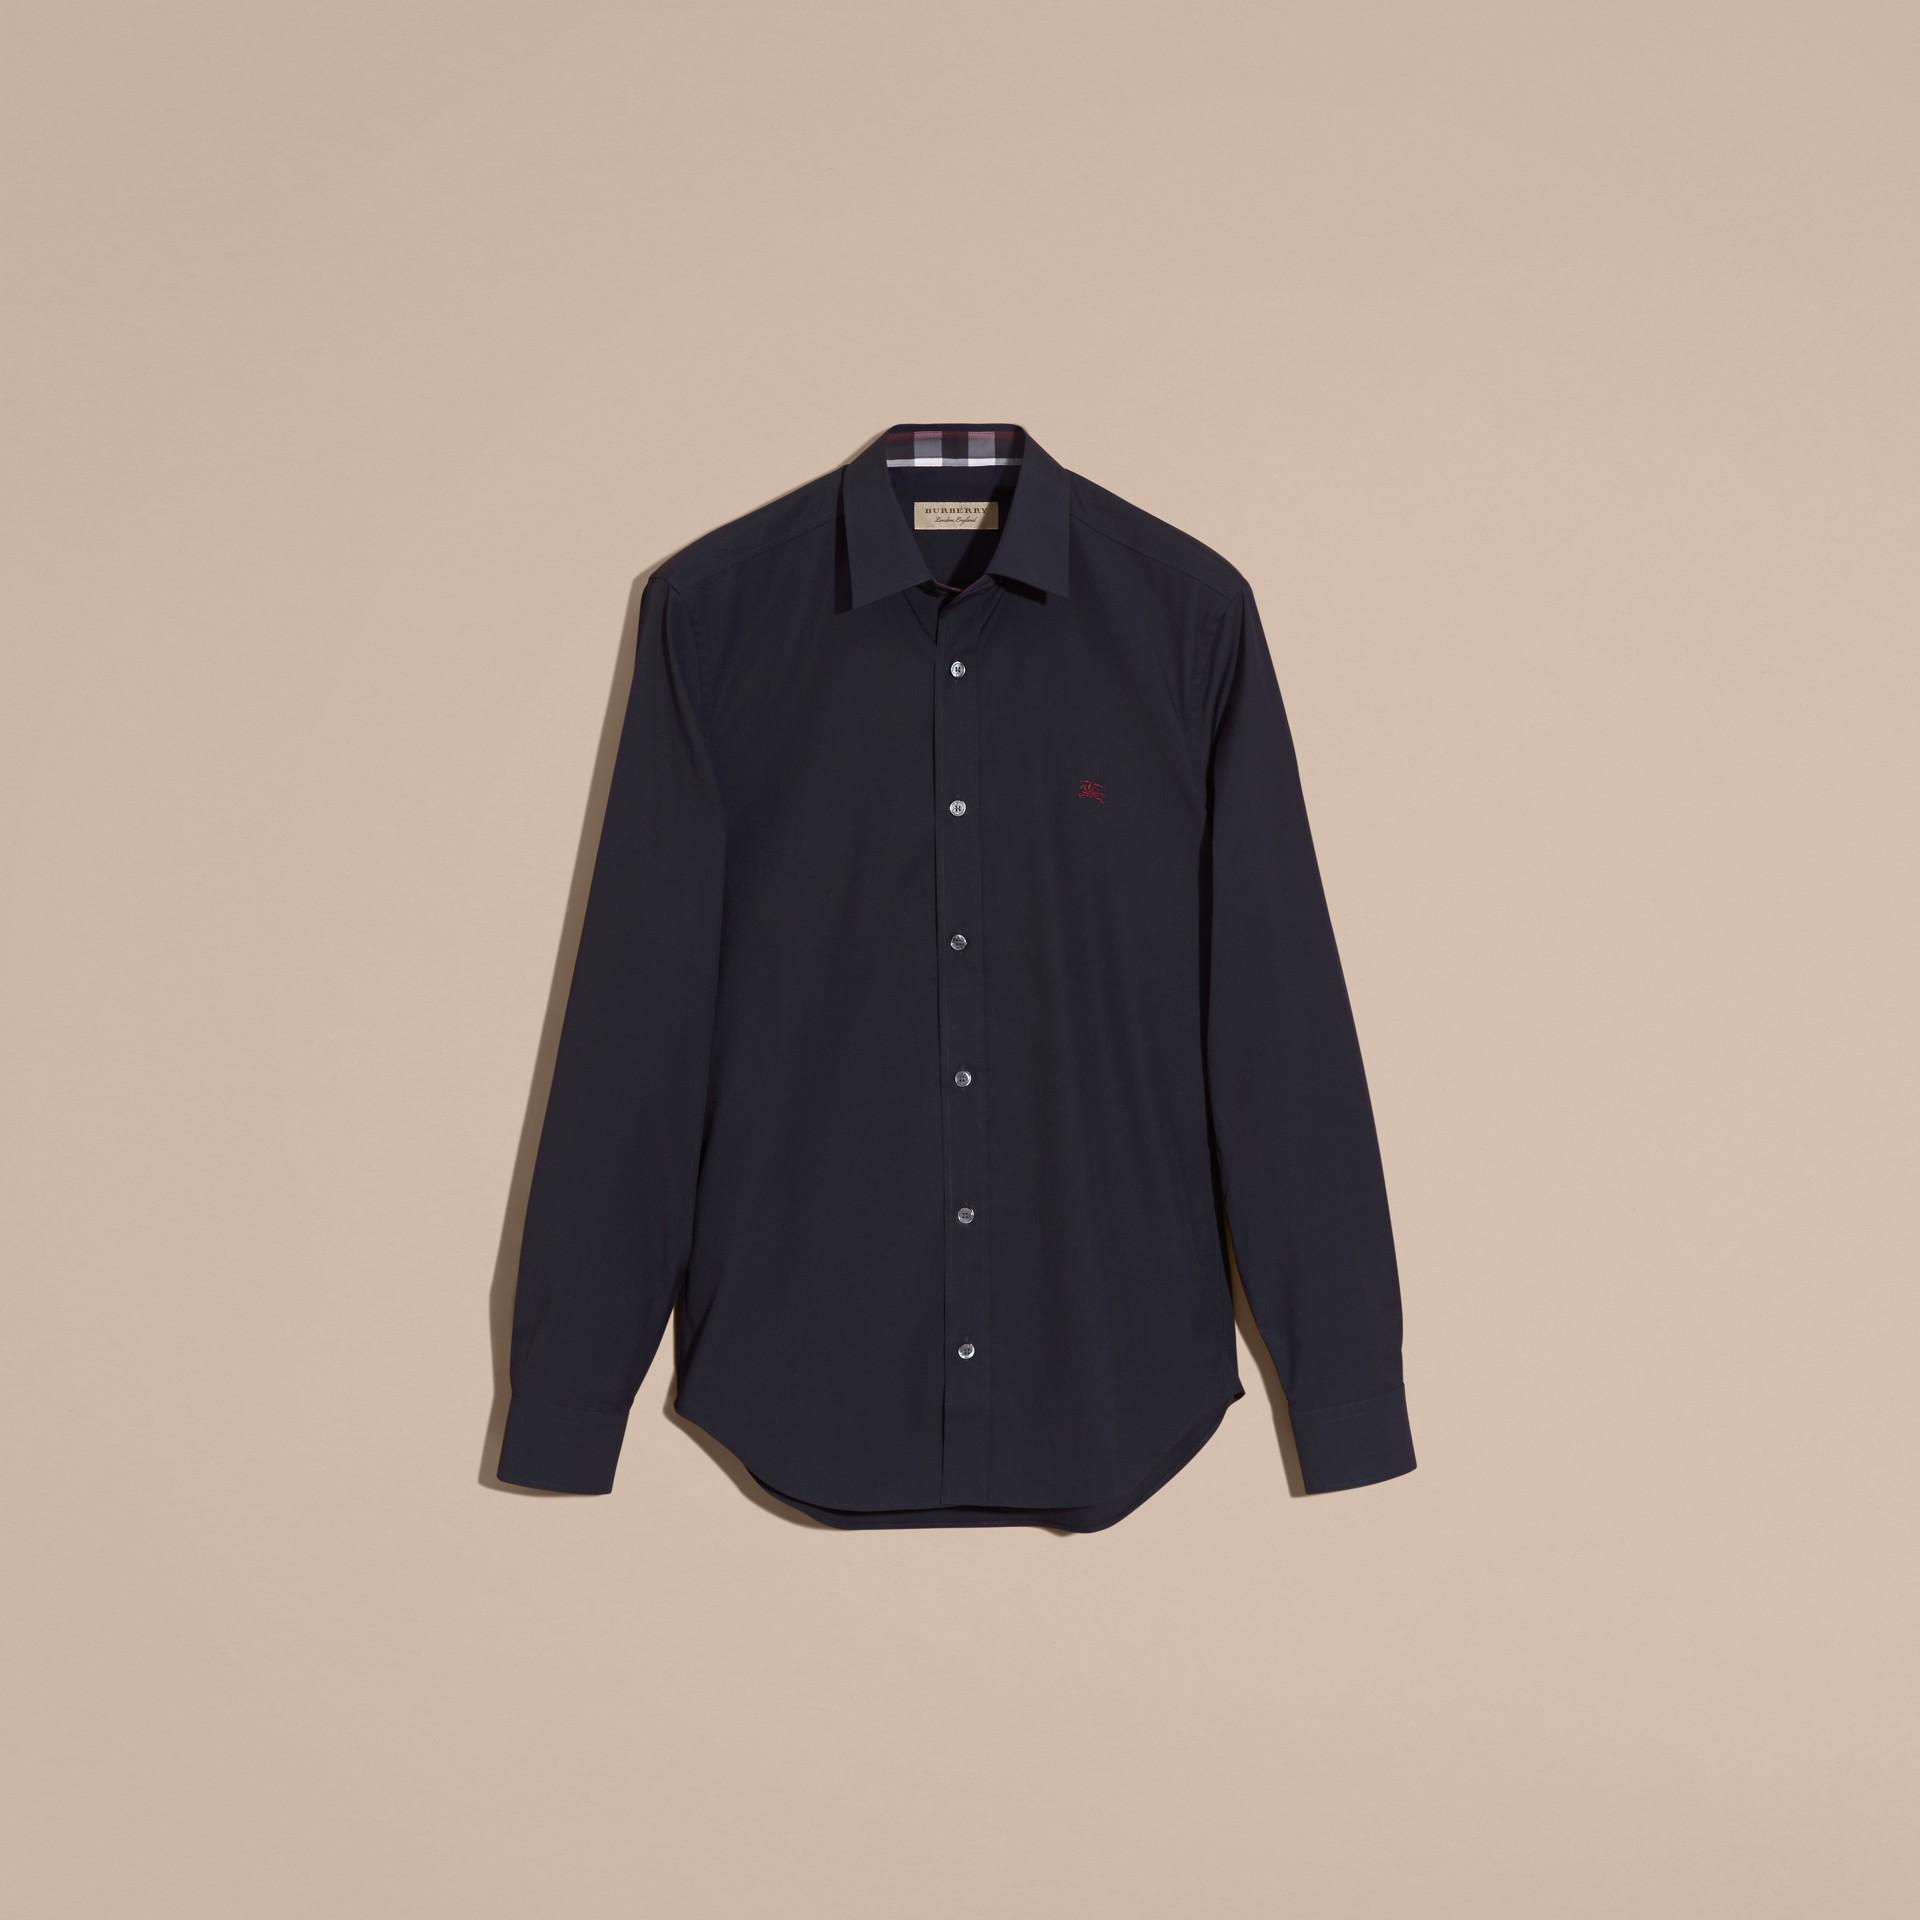 Navy Camicia in cotone stretch con dettagli con motivo check Navy - immagine della galleria 4